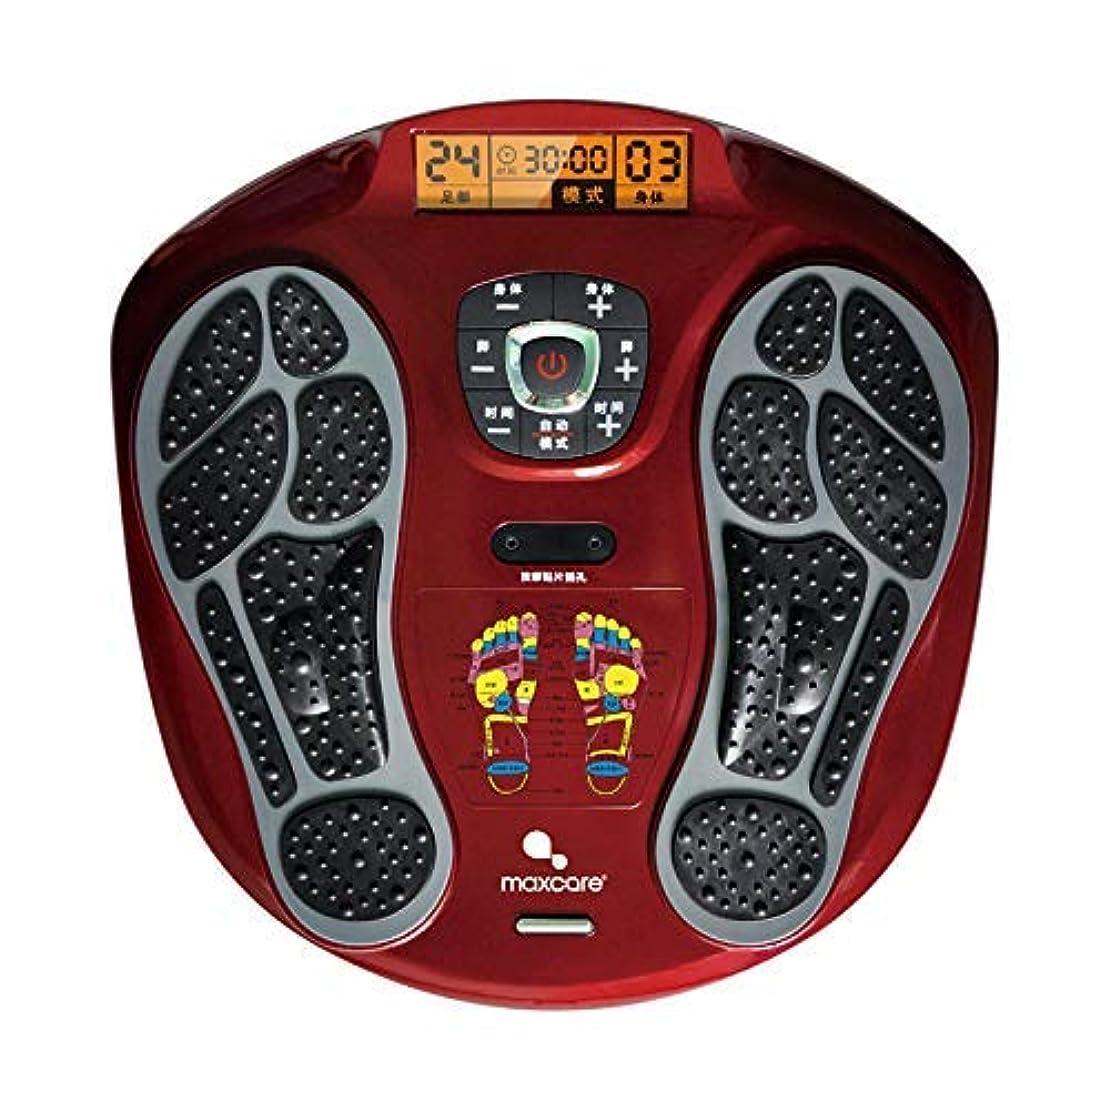 凝視トレッドコミュニケーション血液循環を促進するリモートコントロールフットマッサージャー、フルフットマッサージ体験のためのLEDディスプレイスクリーン、疲れた痛みの足をリラックスインテリジェント